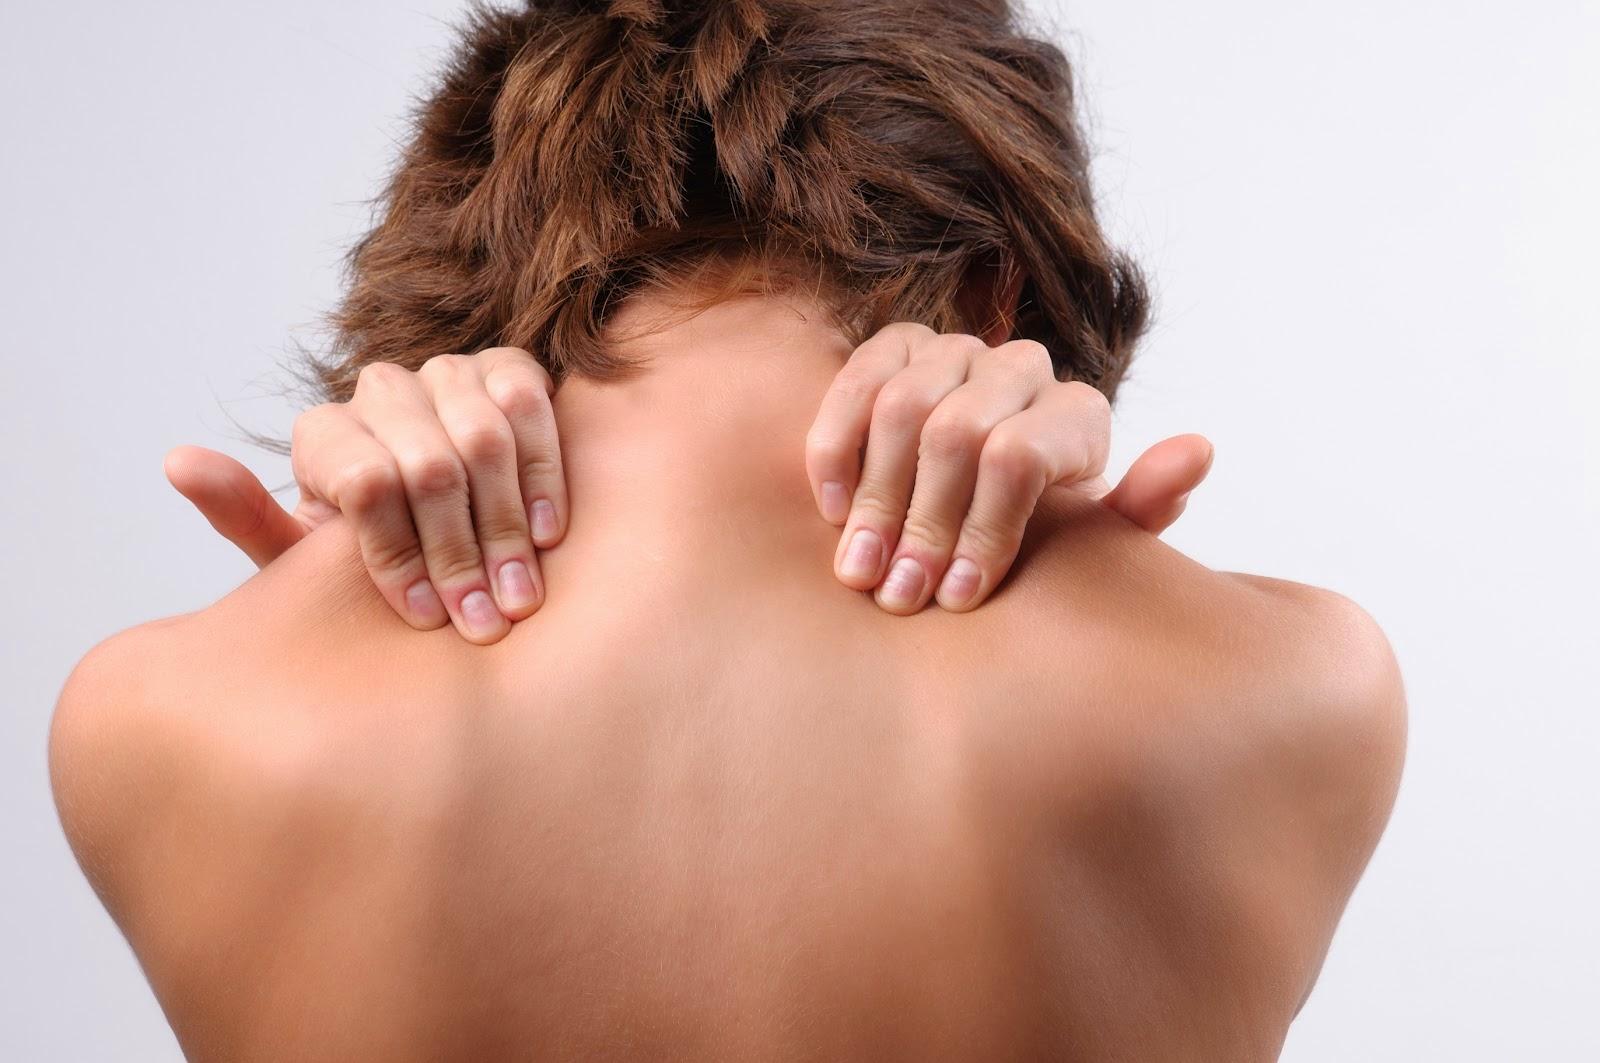 Πόνος στην πλάτη: Δείτε που μπορεί να οφείλεται